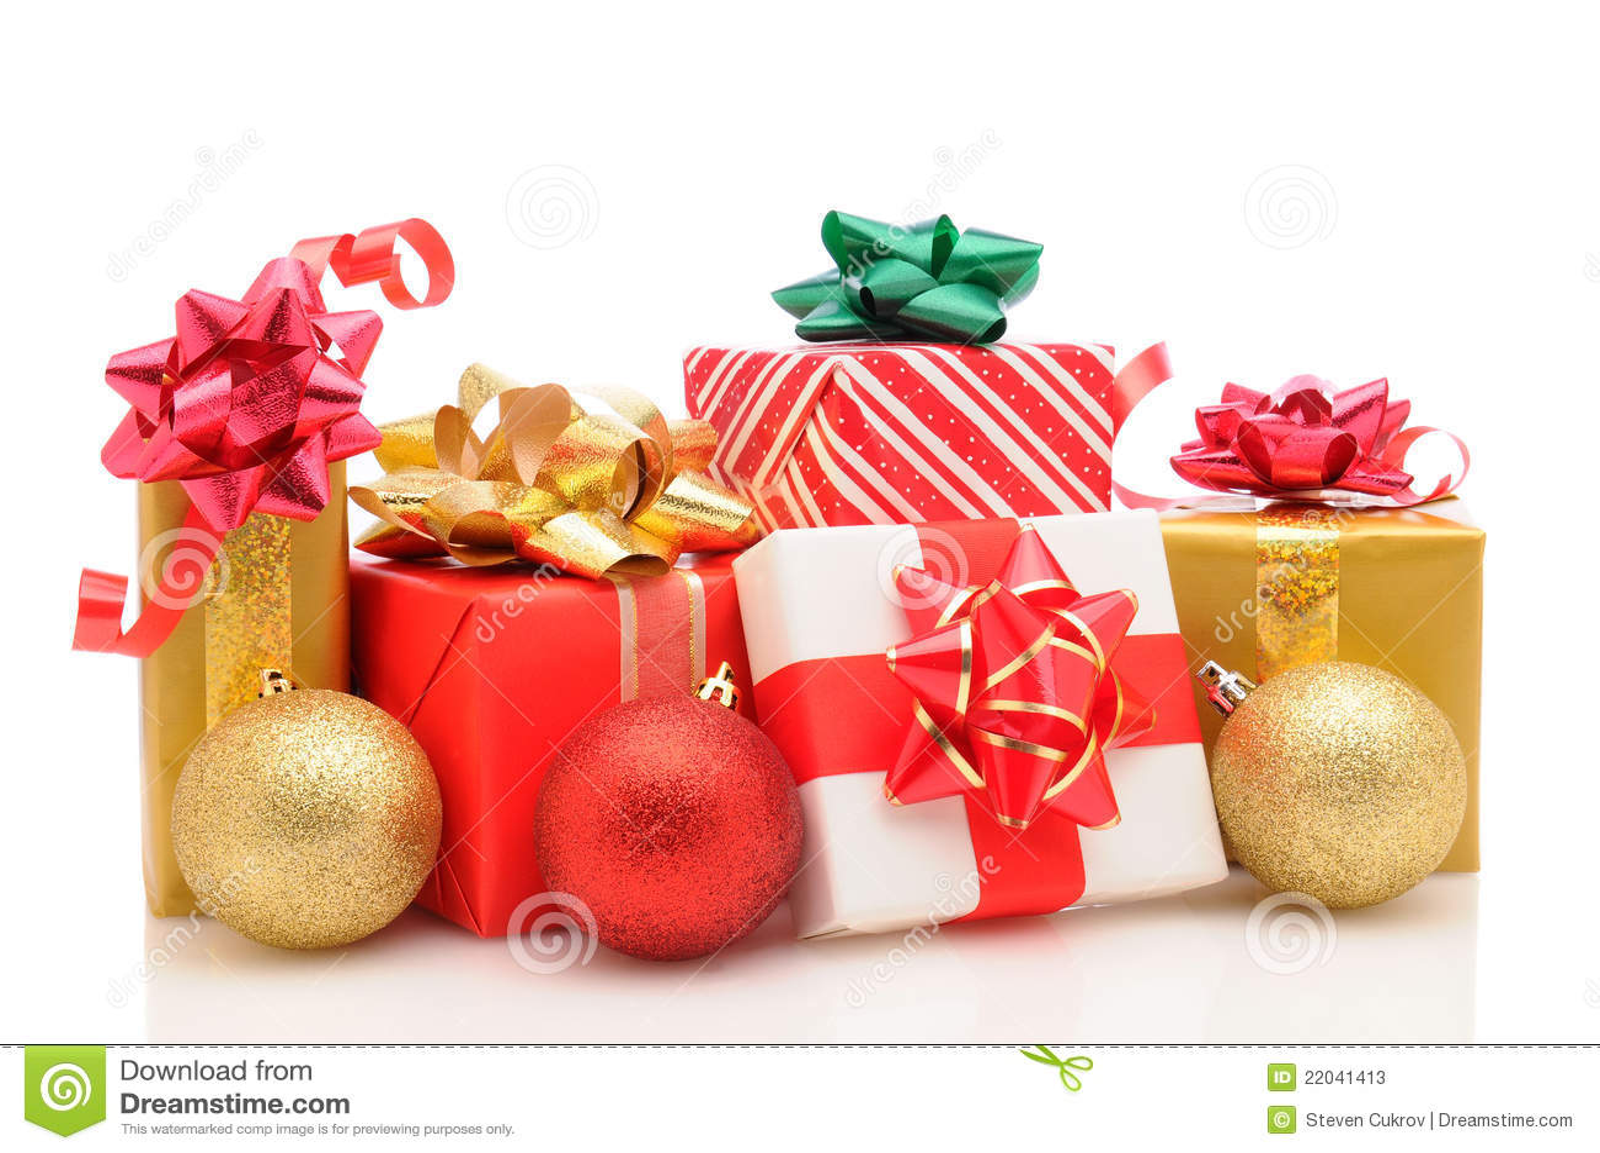 Weihnachtsgeschenke Und Verzierungen Auf Weiß Stockbild - Bild von ...